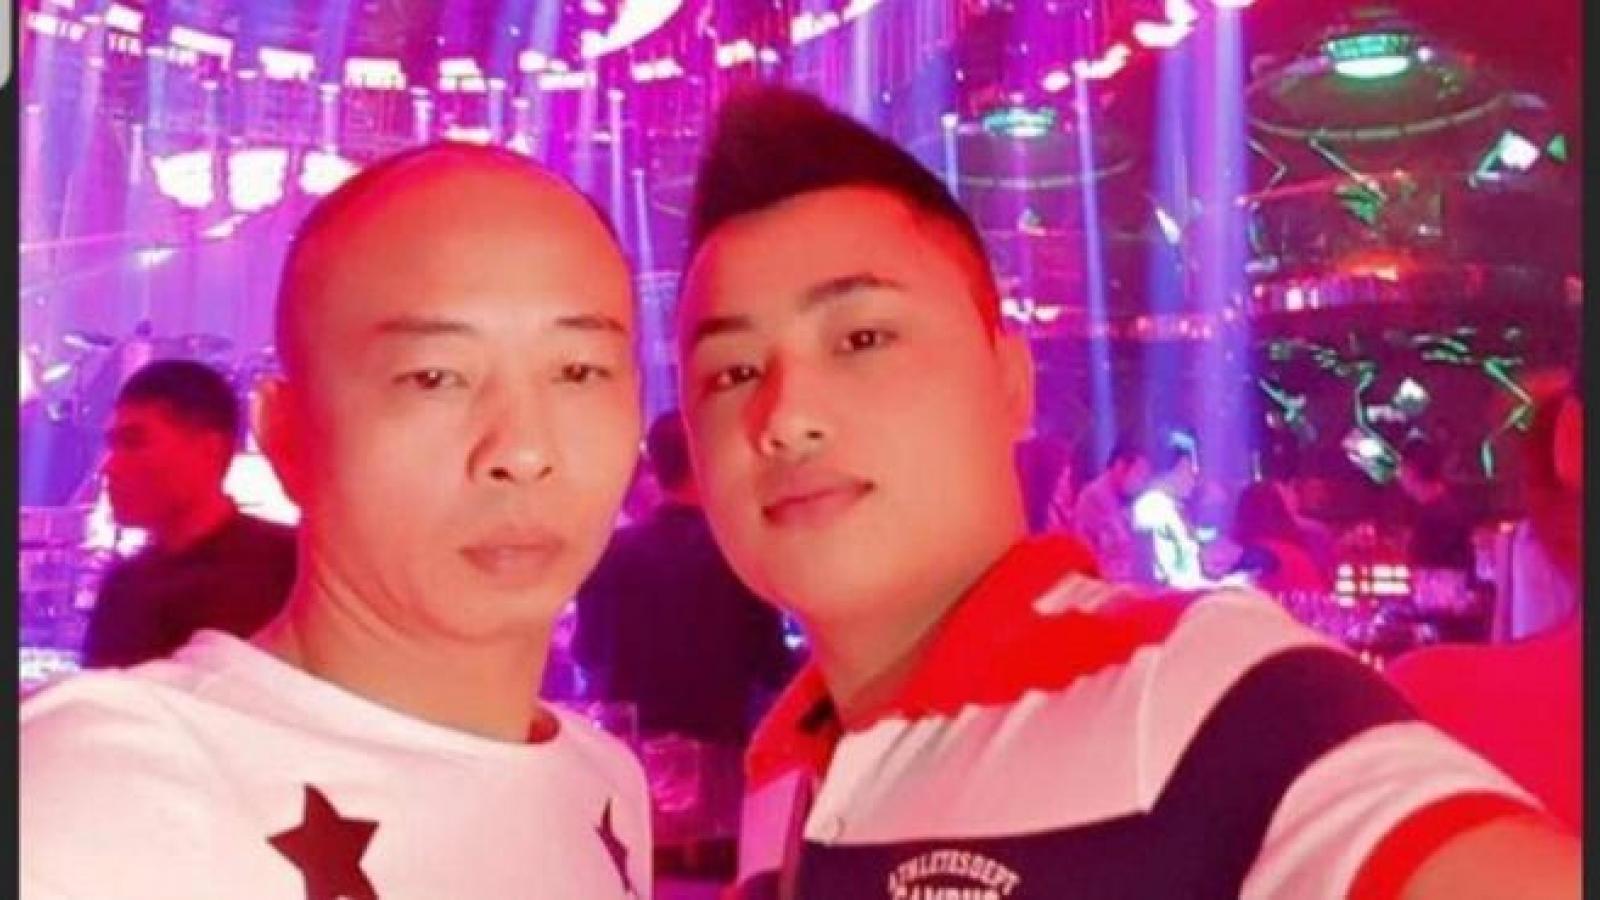 Bắt 2 công an ở Thái Bình liên quan vụ đàn em Đường 'Nhuệ' đánh người